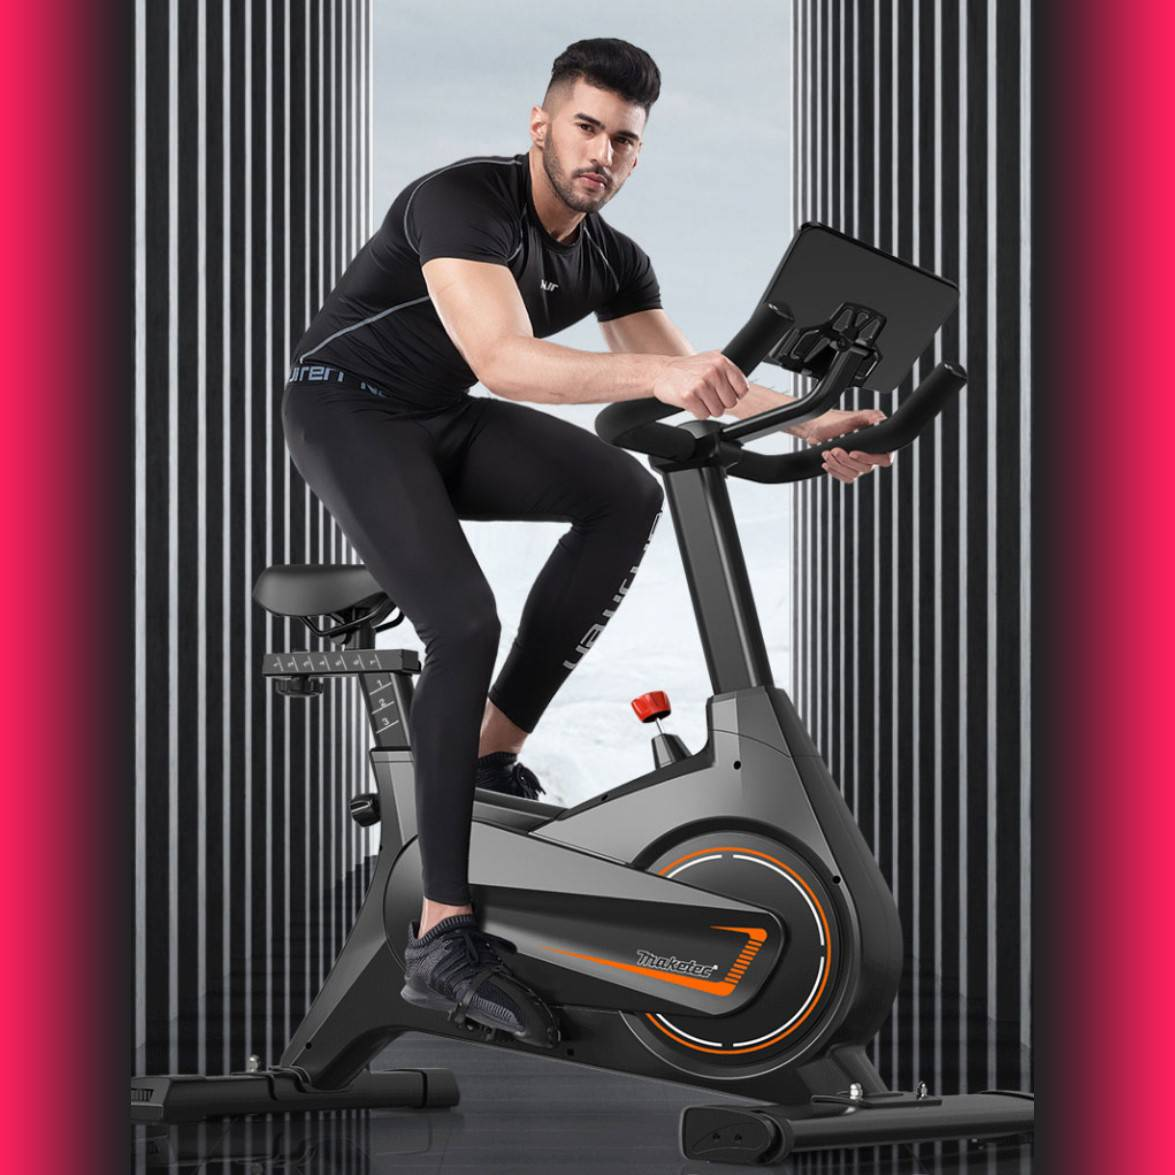 全新升级黑科技磁控阻力动感单车家用健身房专用运动自行车静音款